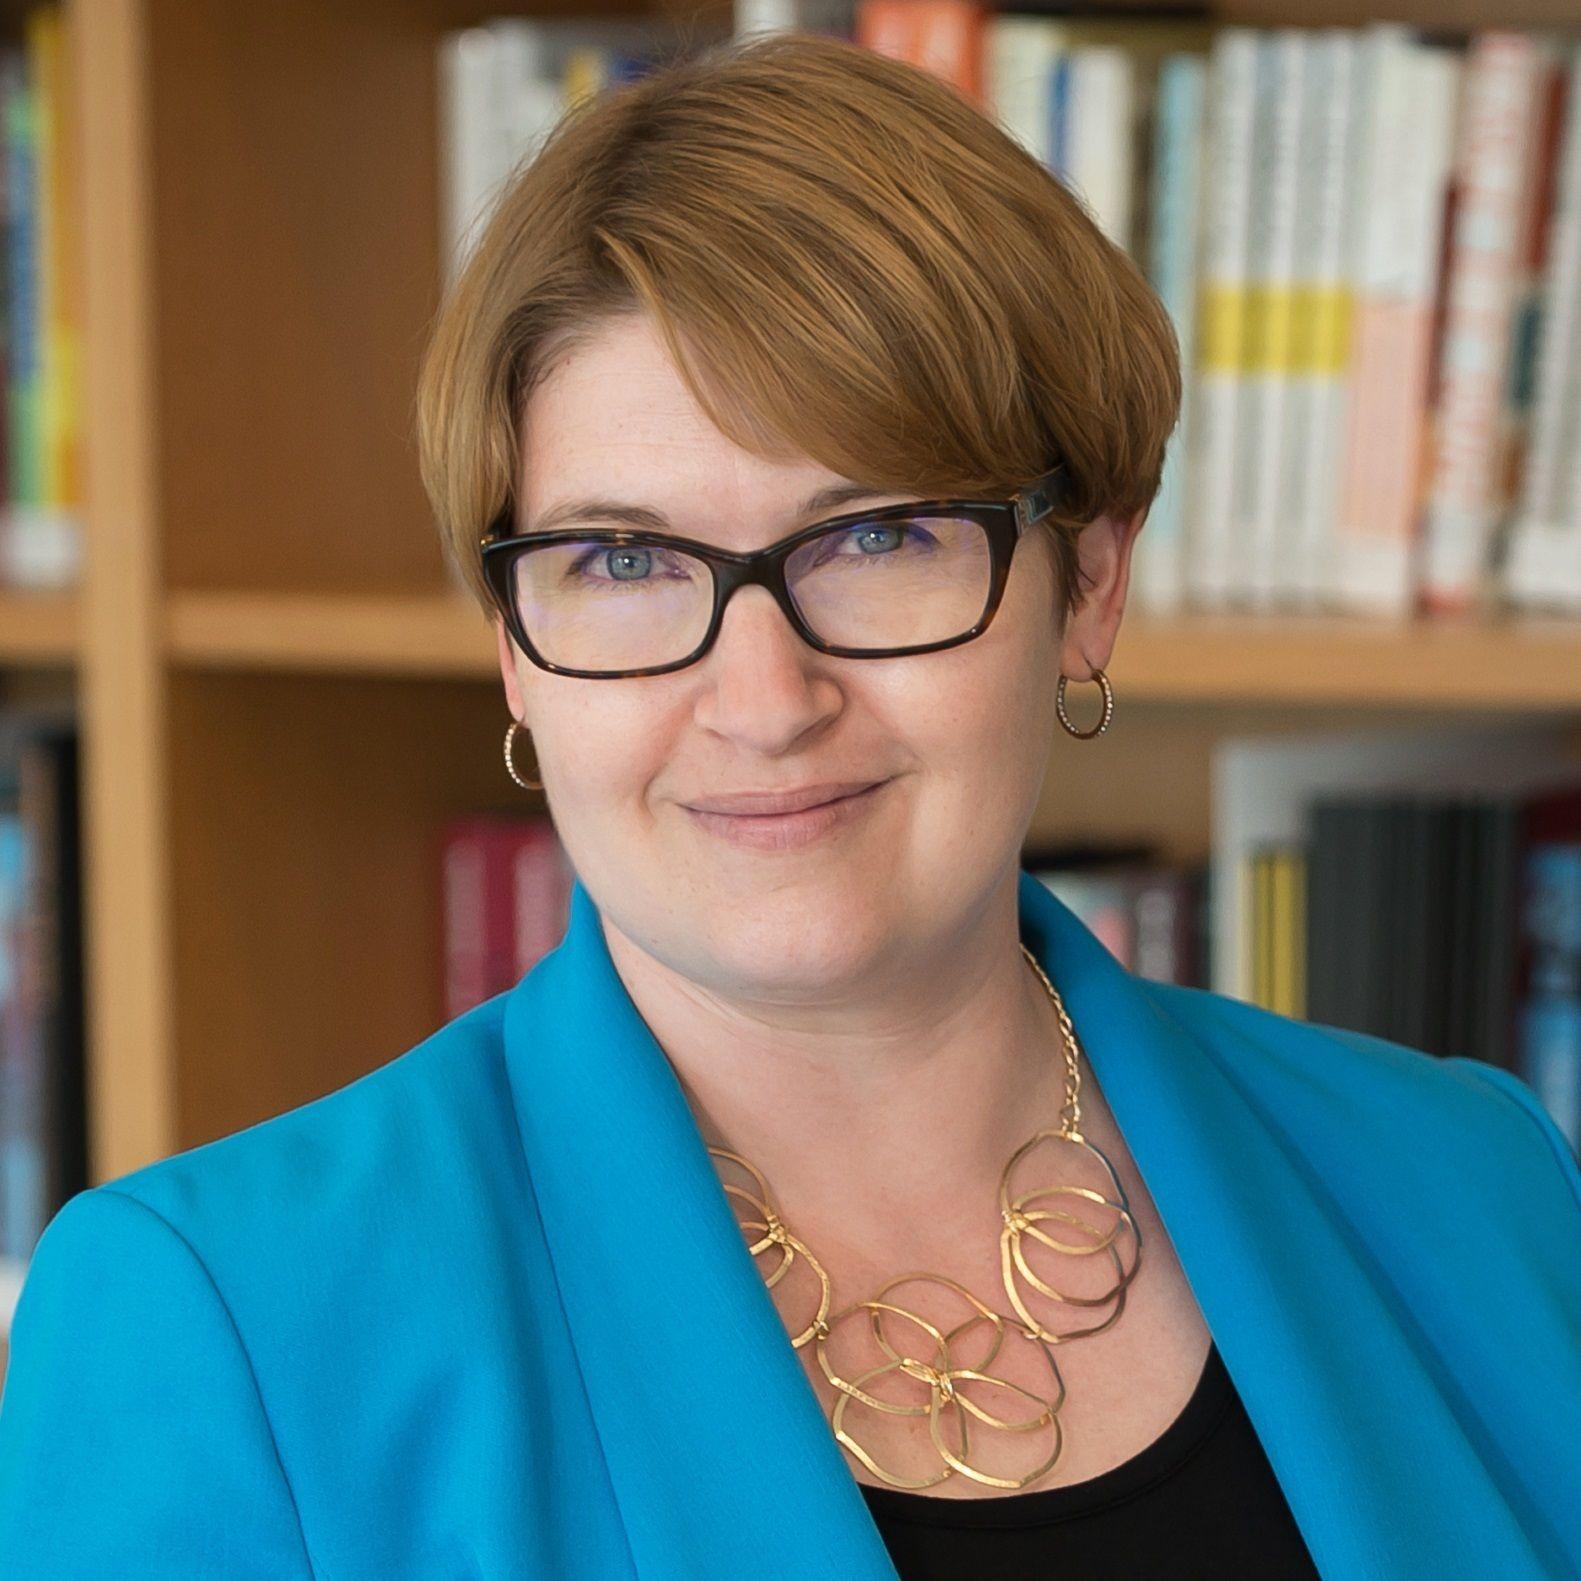 Portrait of Carrie L. Davis